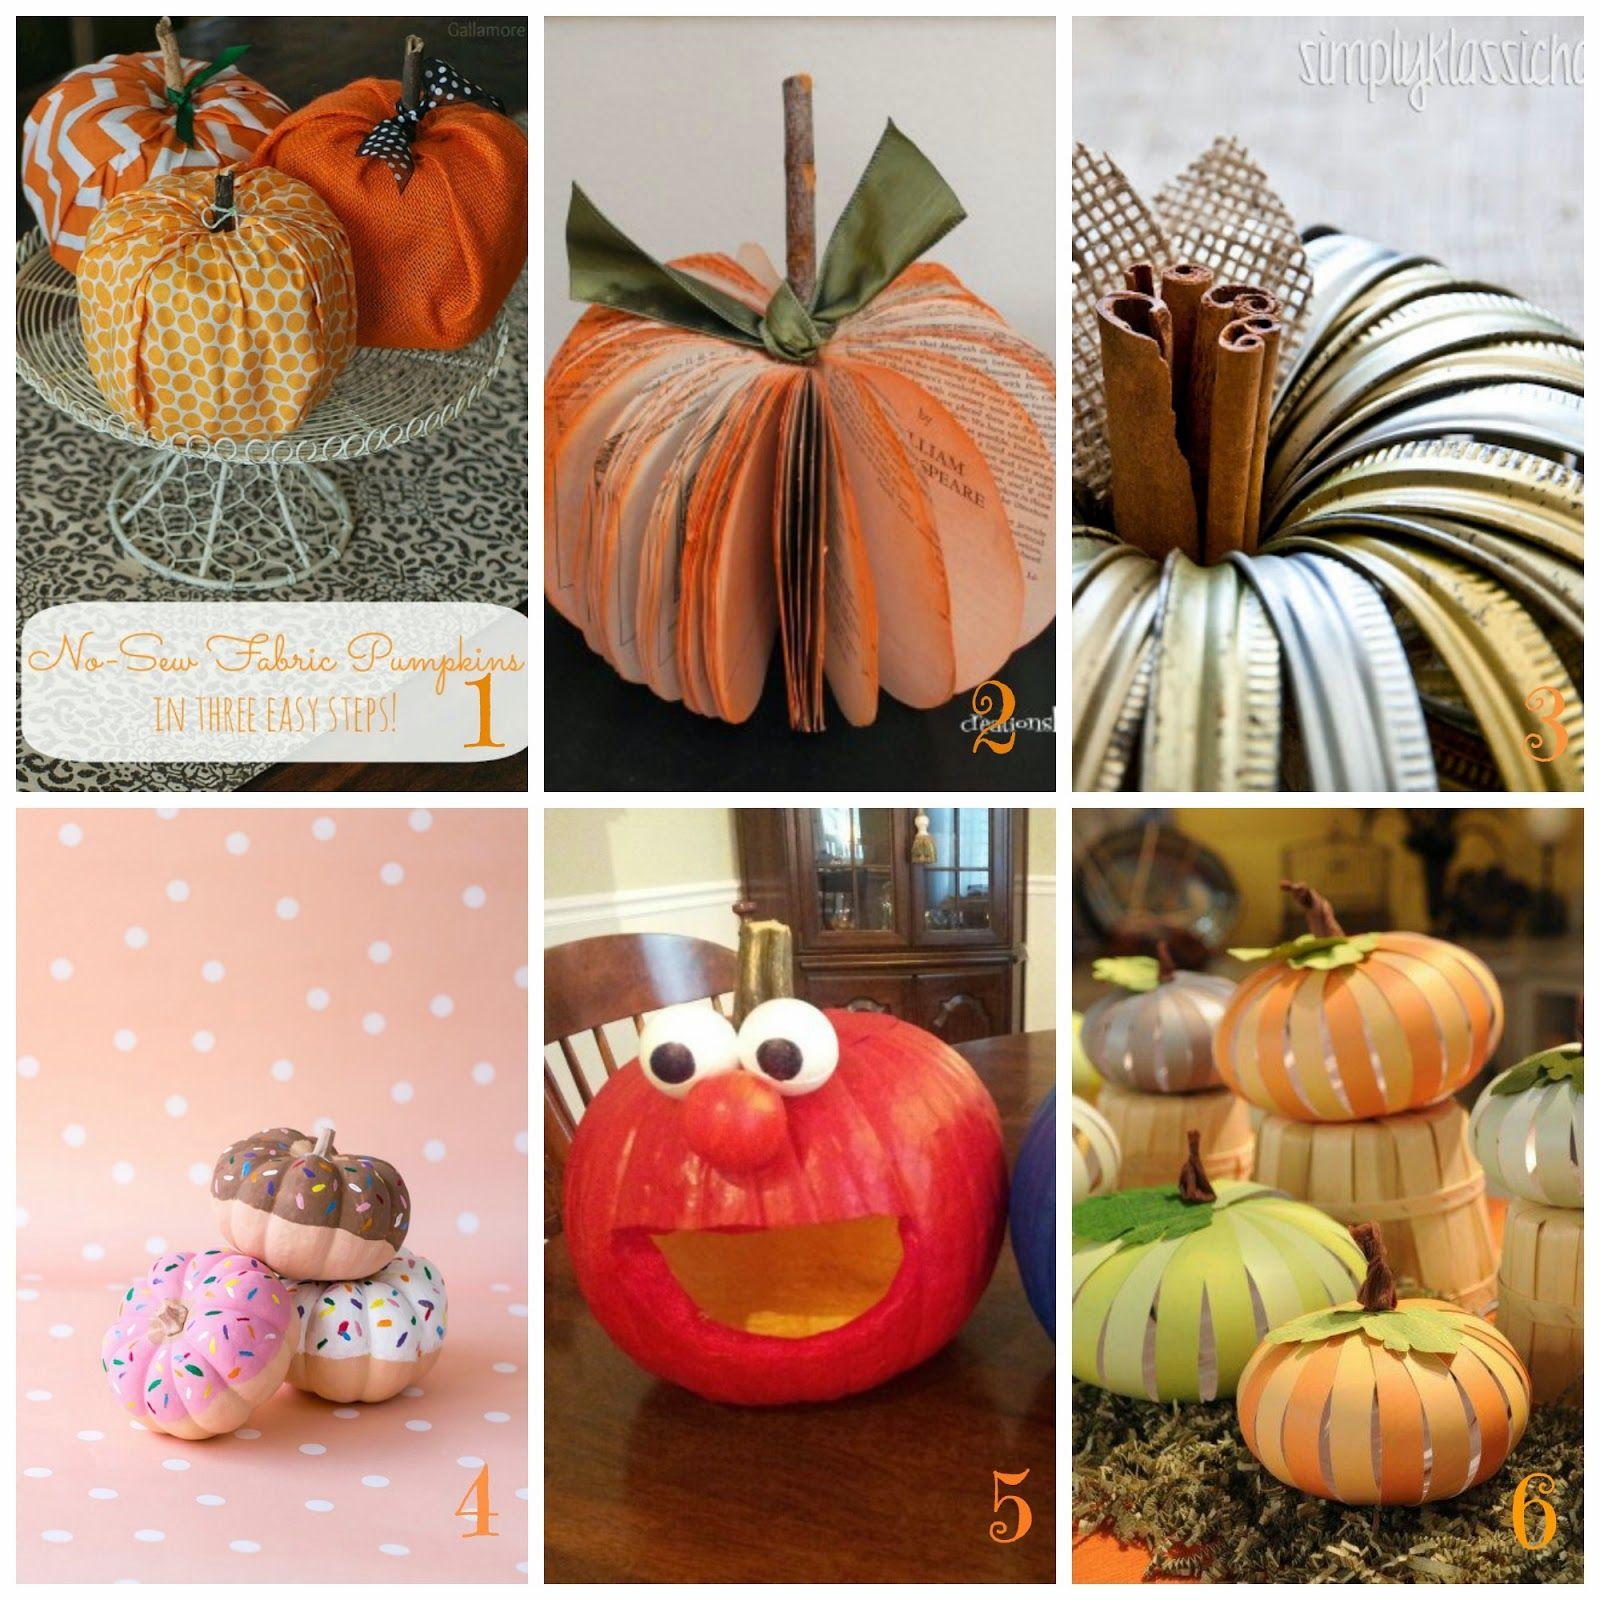 Donneinpink fai da te e consigli per gli acquisti halloween decorazioni fai da te 12 - Decorazioni fai da te per halloween ...